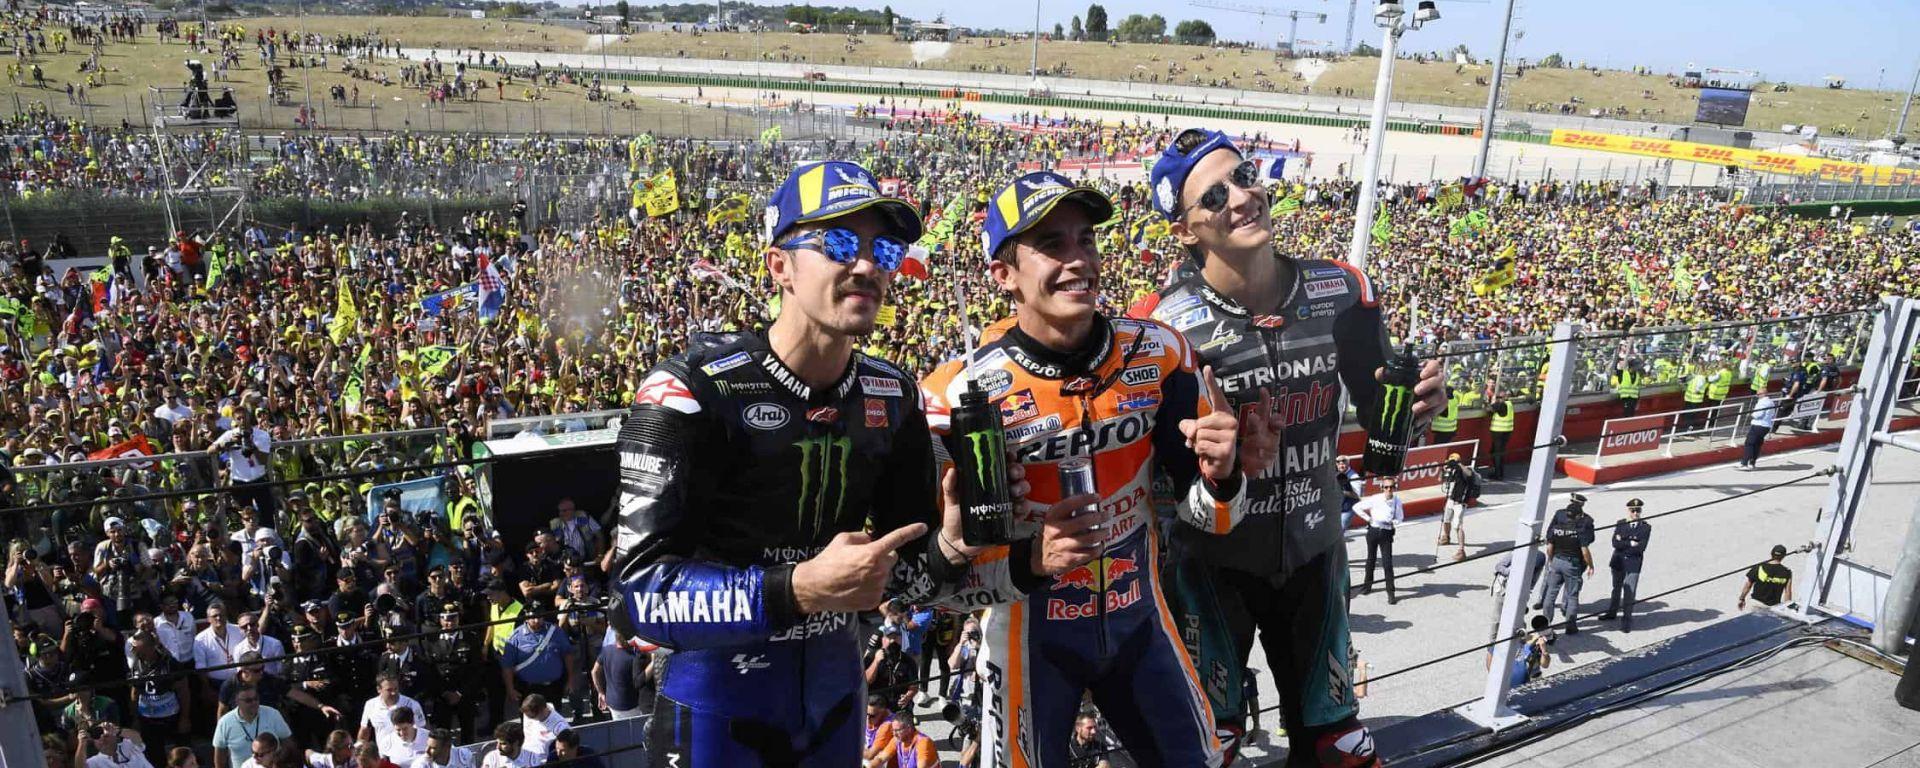 GP San Marino, il podio di Misano nel 2019: Marquez (Honda), Quartararo e Vinales (Yamaha)